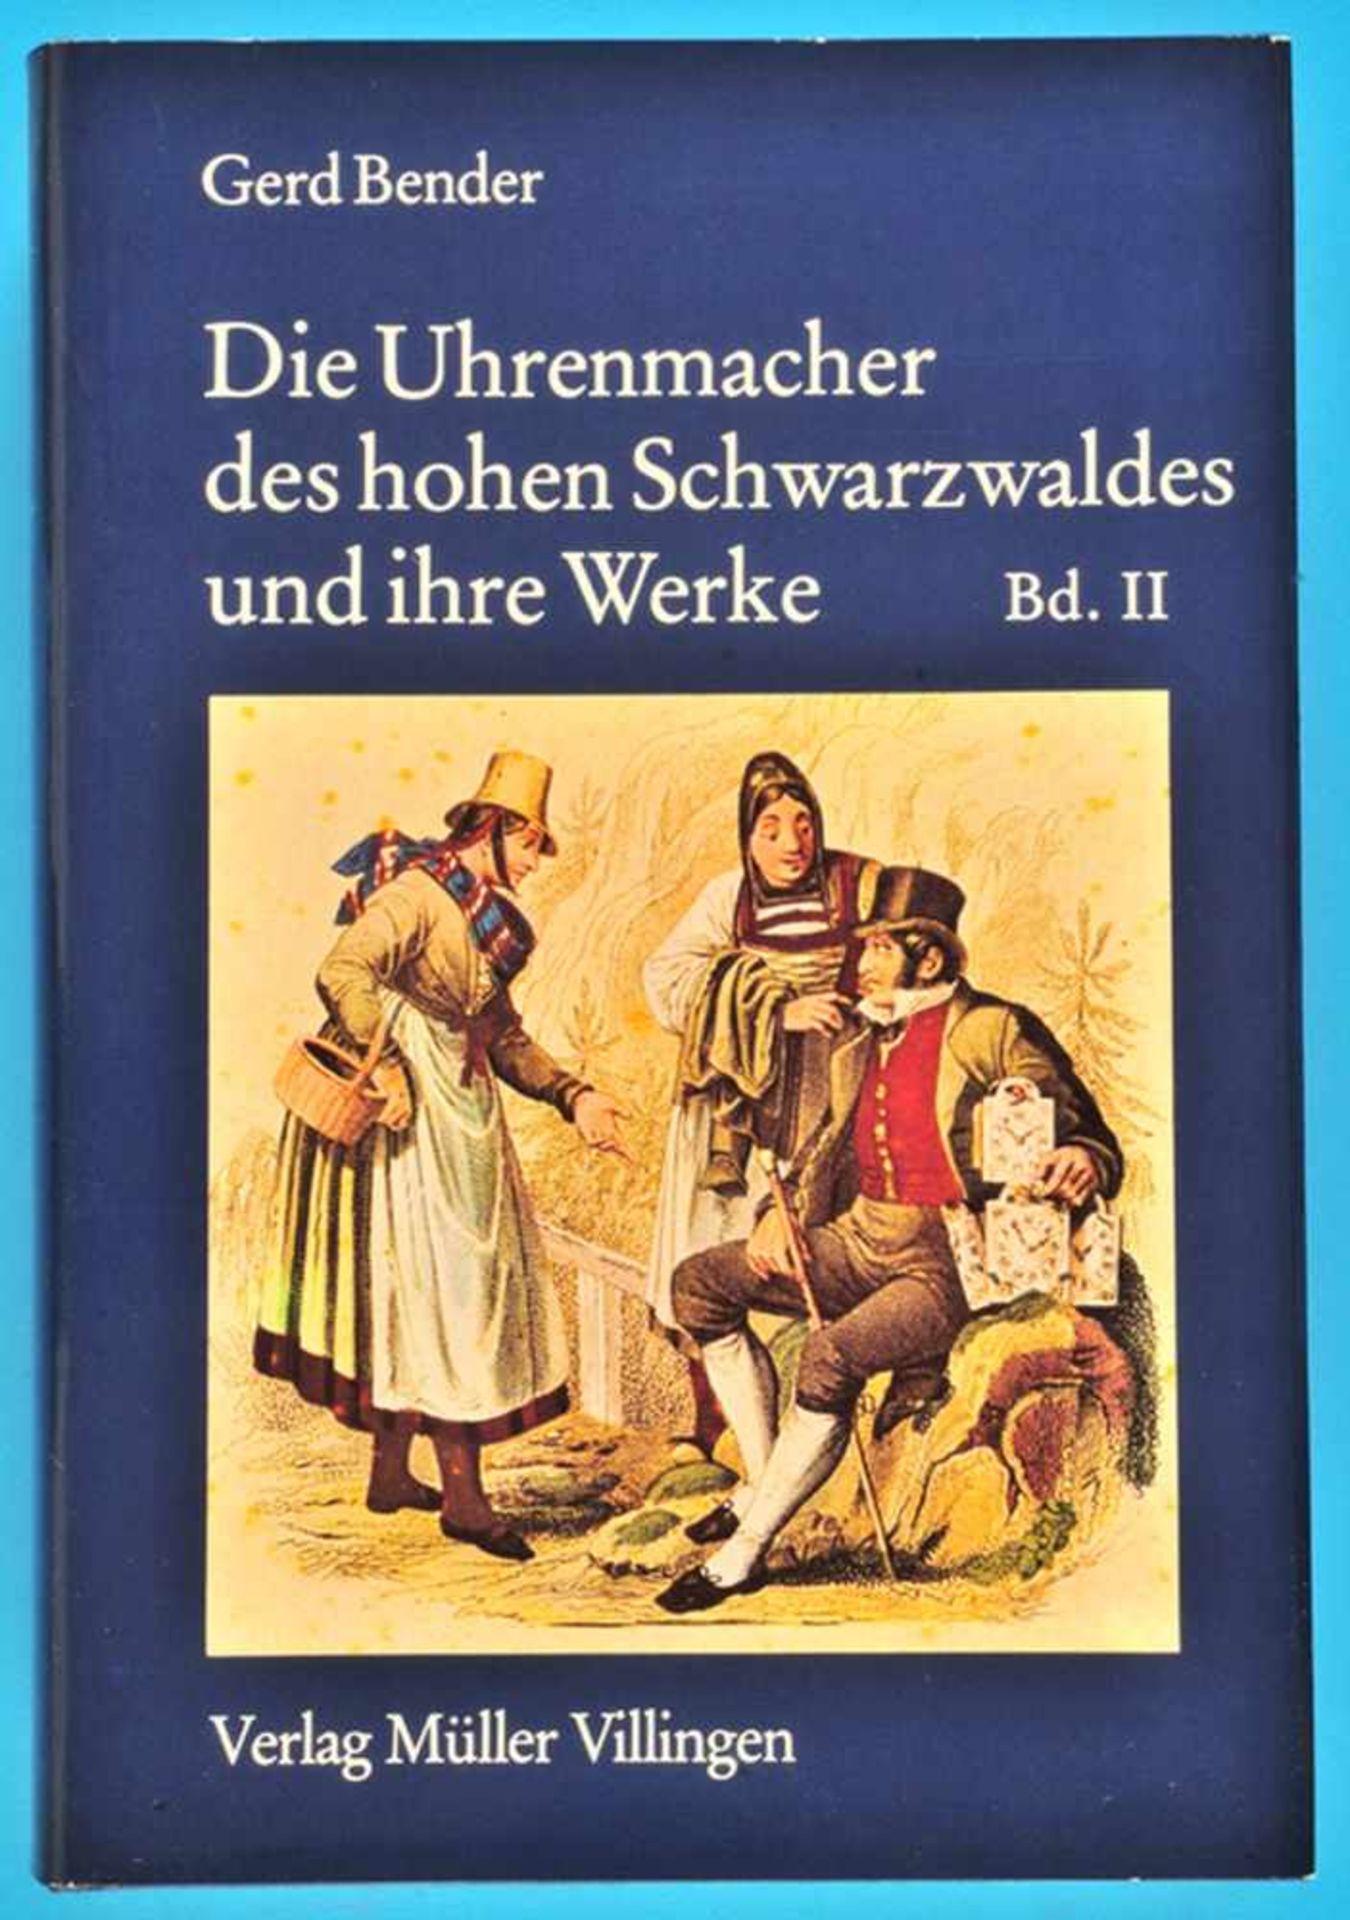 Los 15 - G. Bender, Die Uhrmacher des hohen Schwarzwaldes und ihre Werke, 1978, Band IIG. Bender, Die